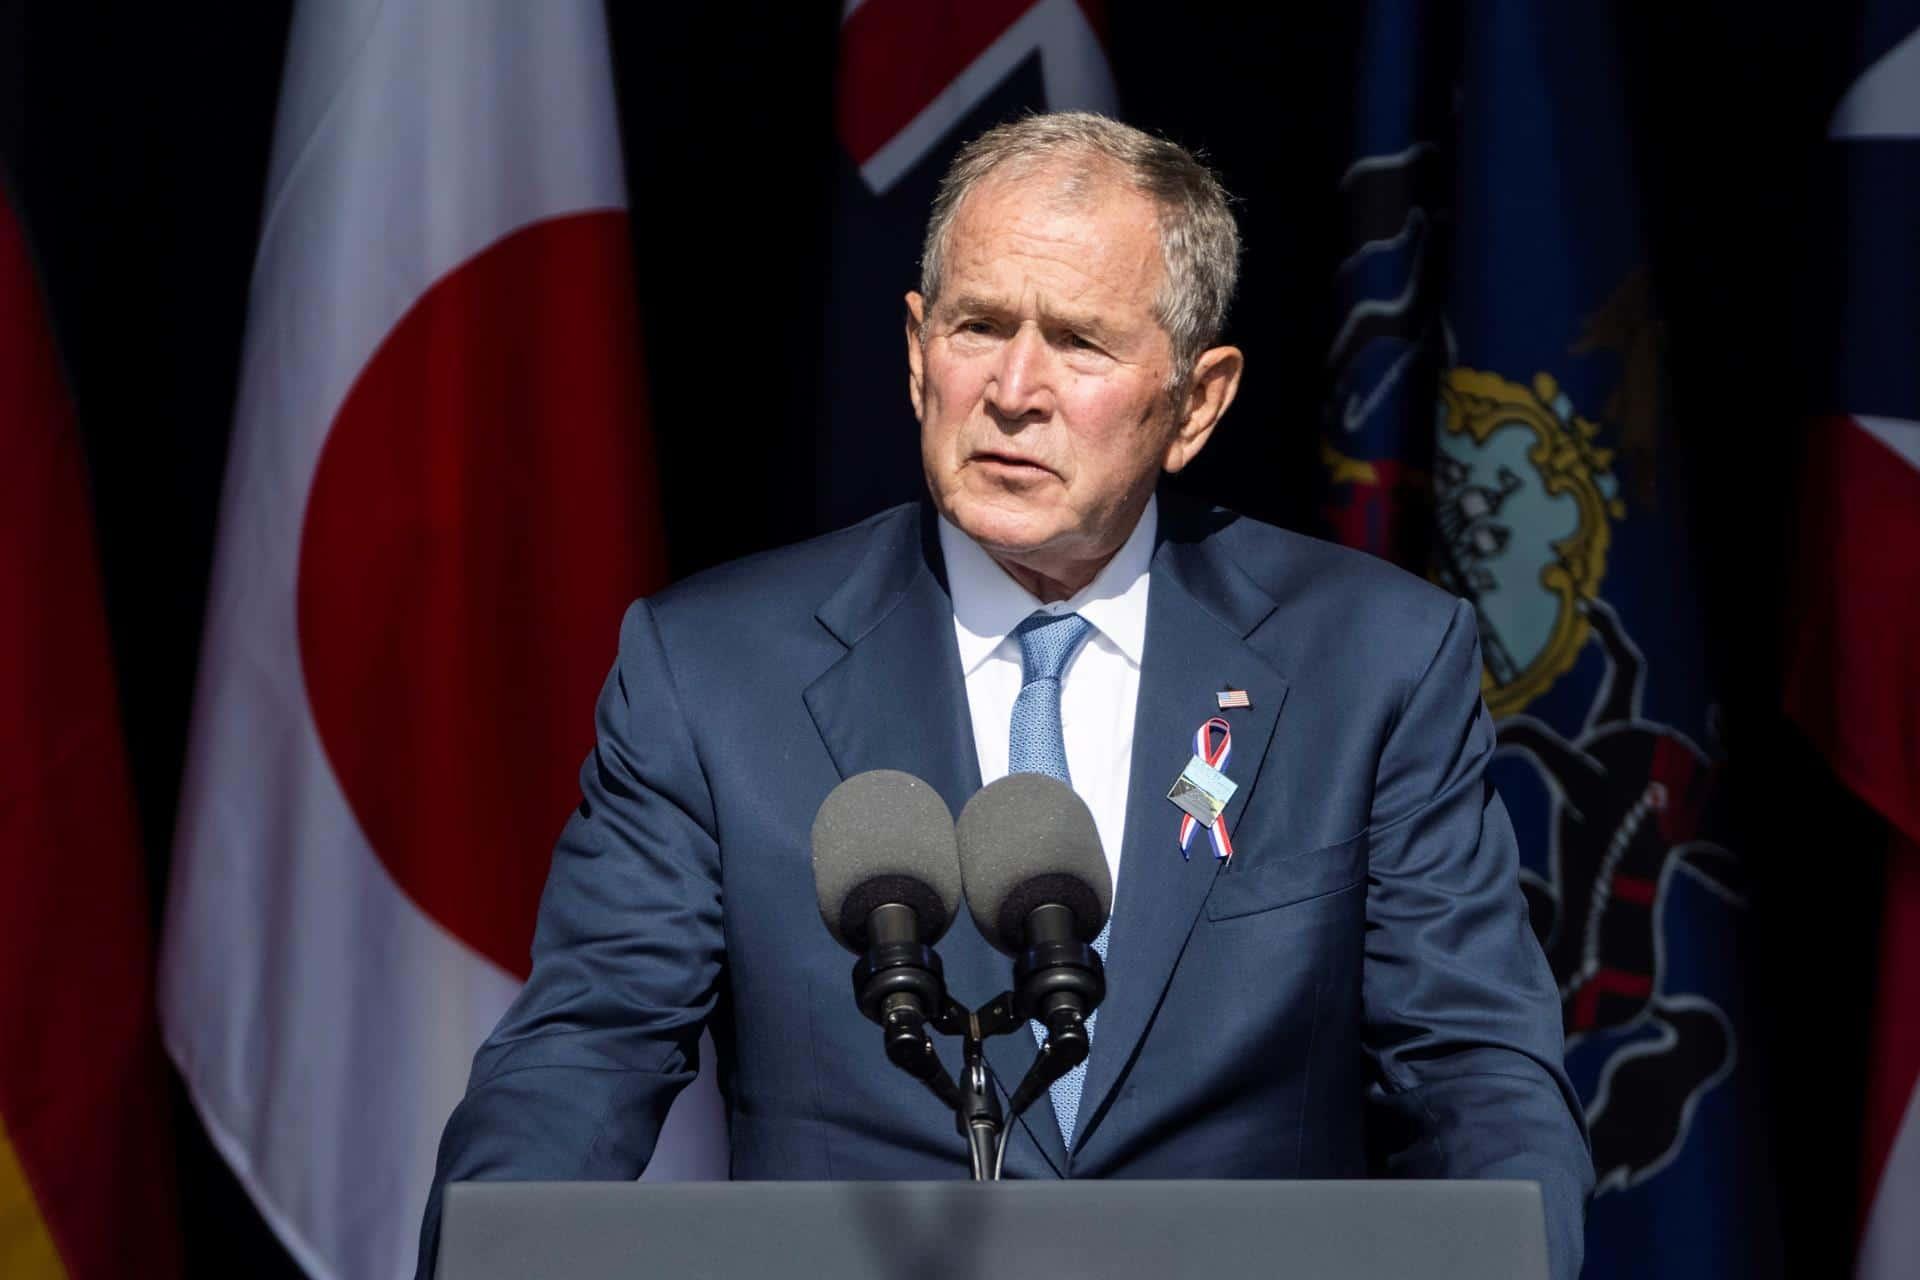 Bush defiende luchar contra extremistas violentos dentro y fuera de EEUU